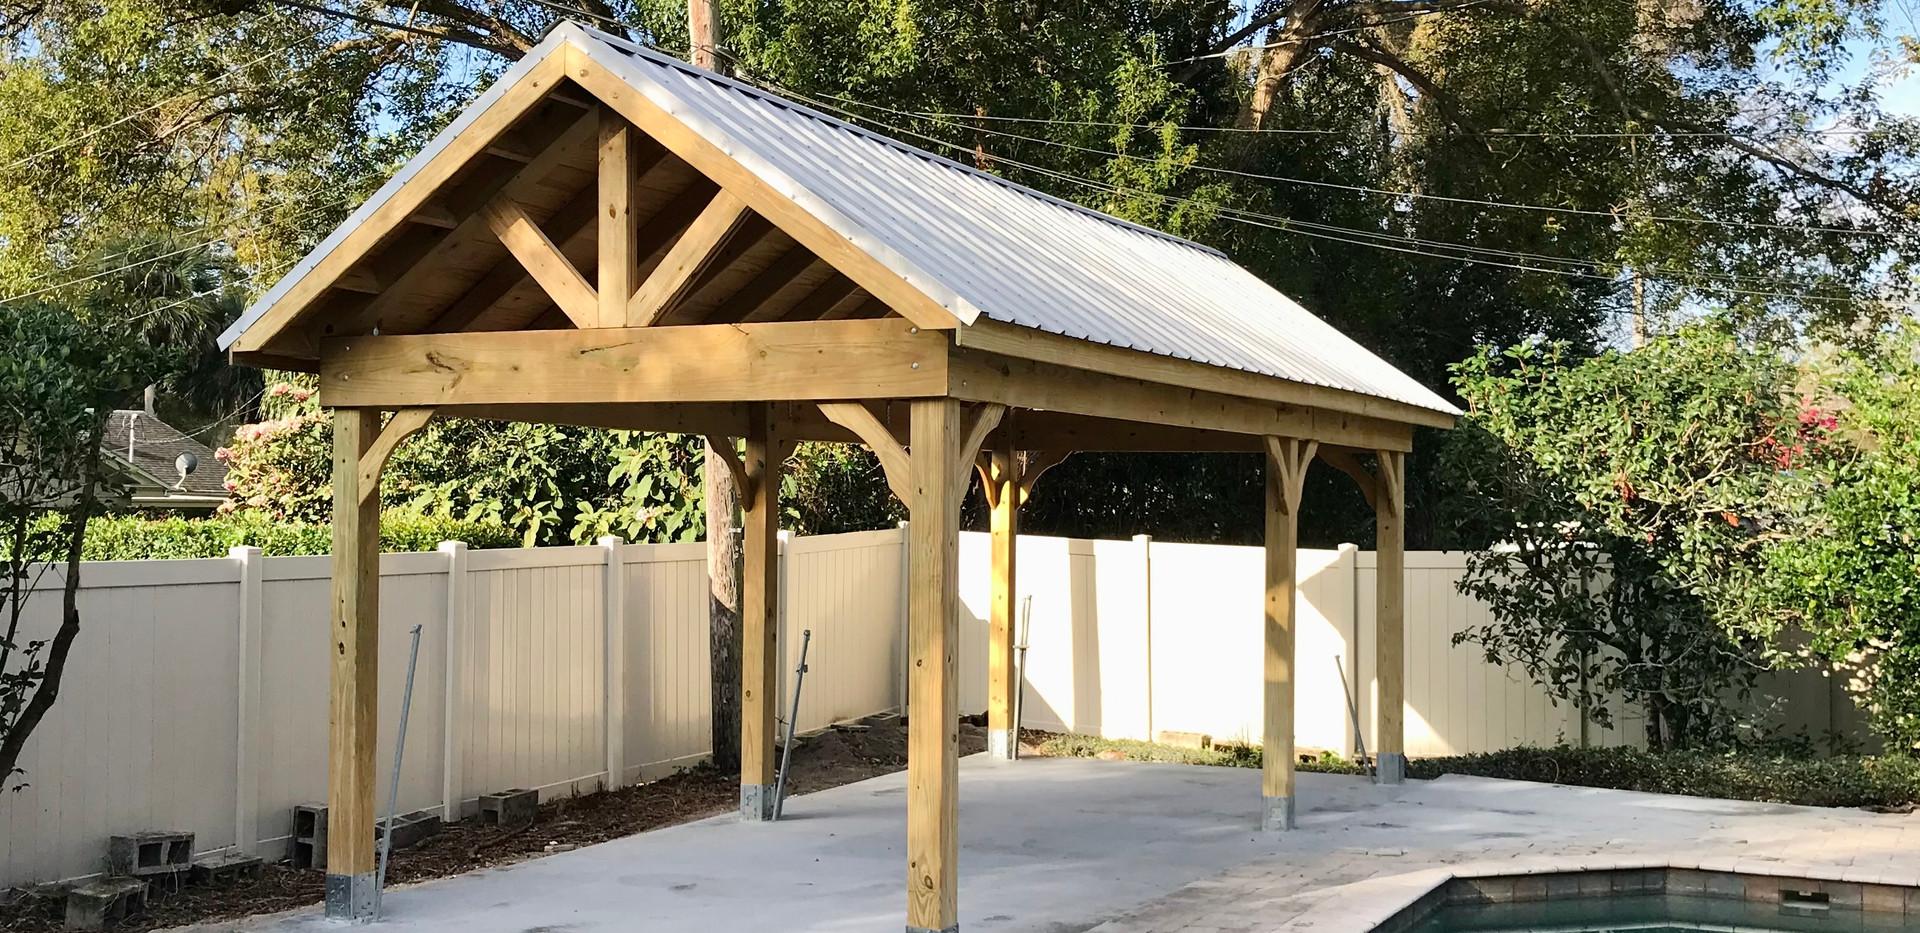 12 x 24 Open Gable Pavilion